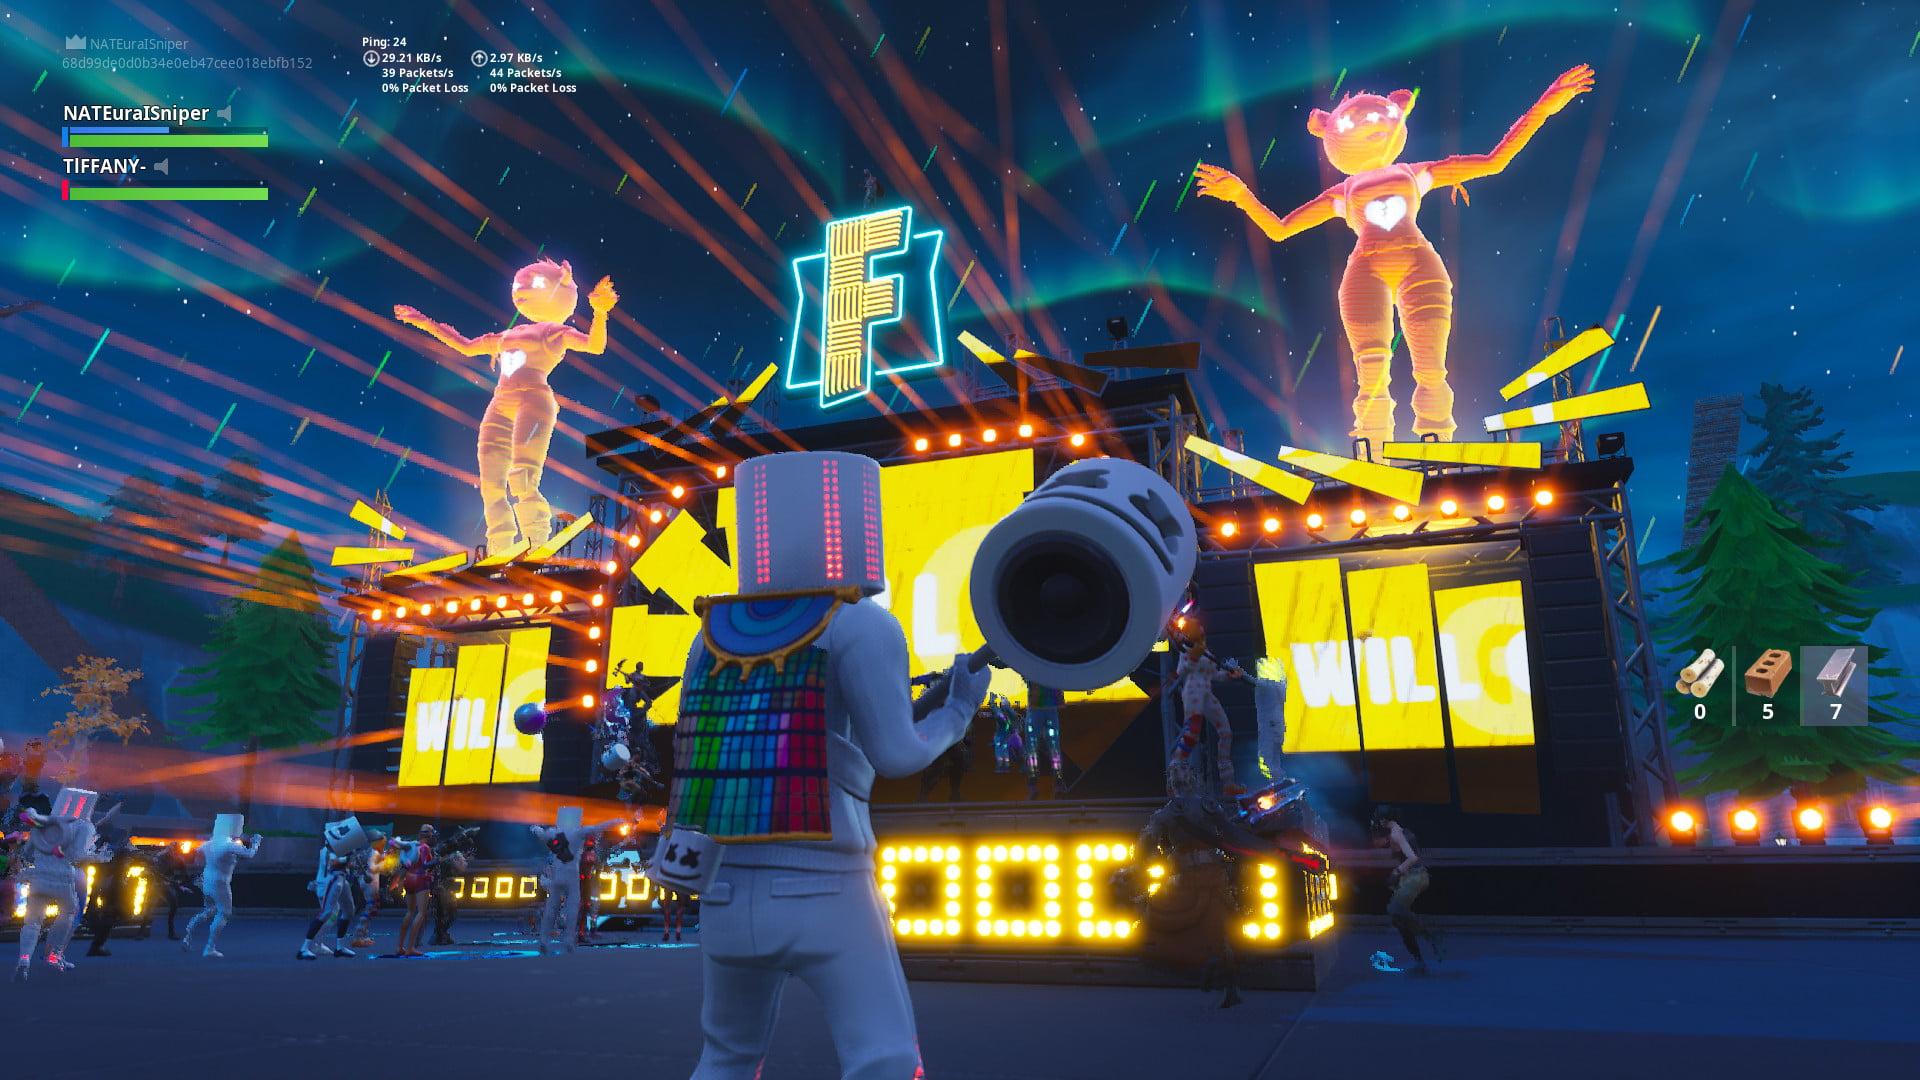 Будущее интерактивных развлечений Диджей Marshmello провел живой виртуальный концерт в игре Fortnite